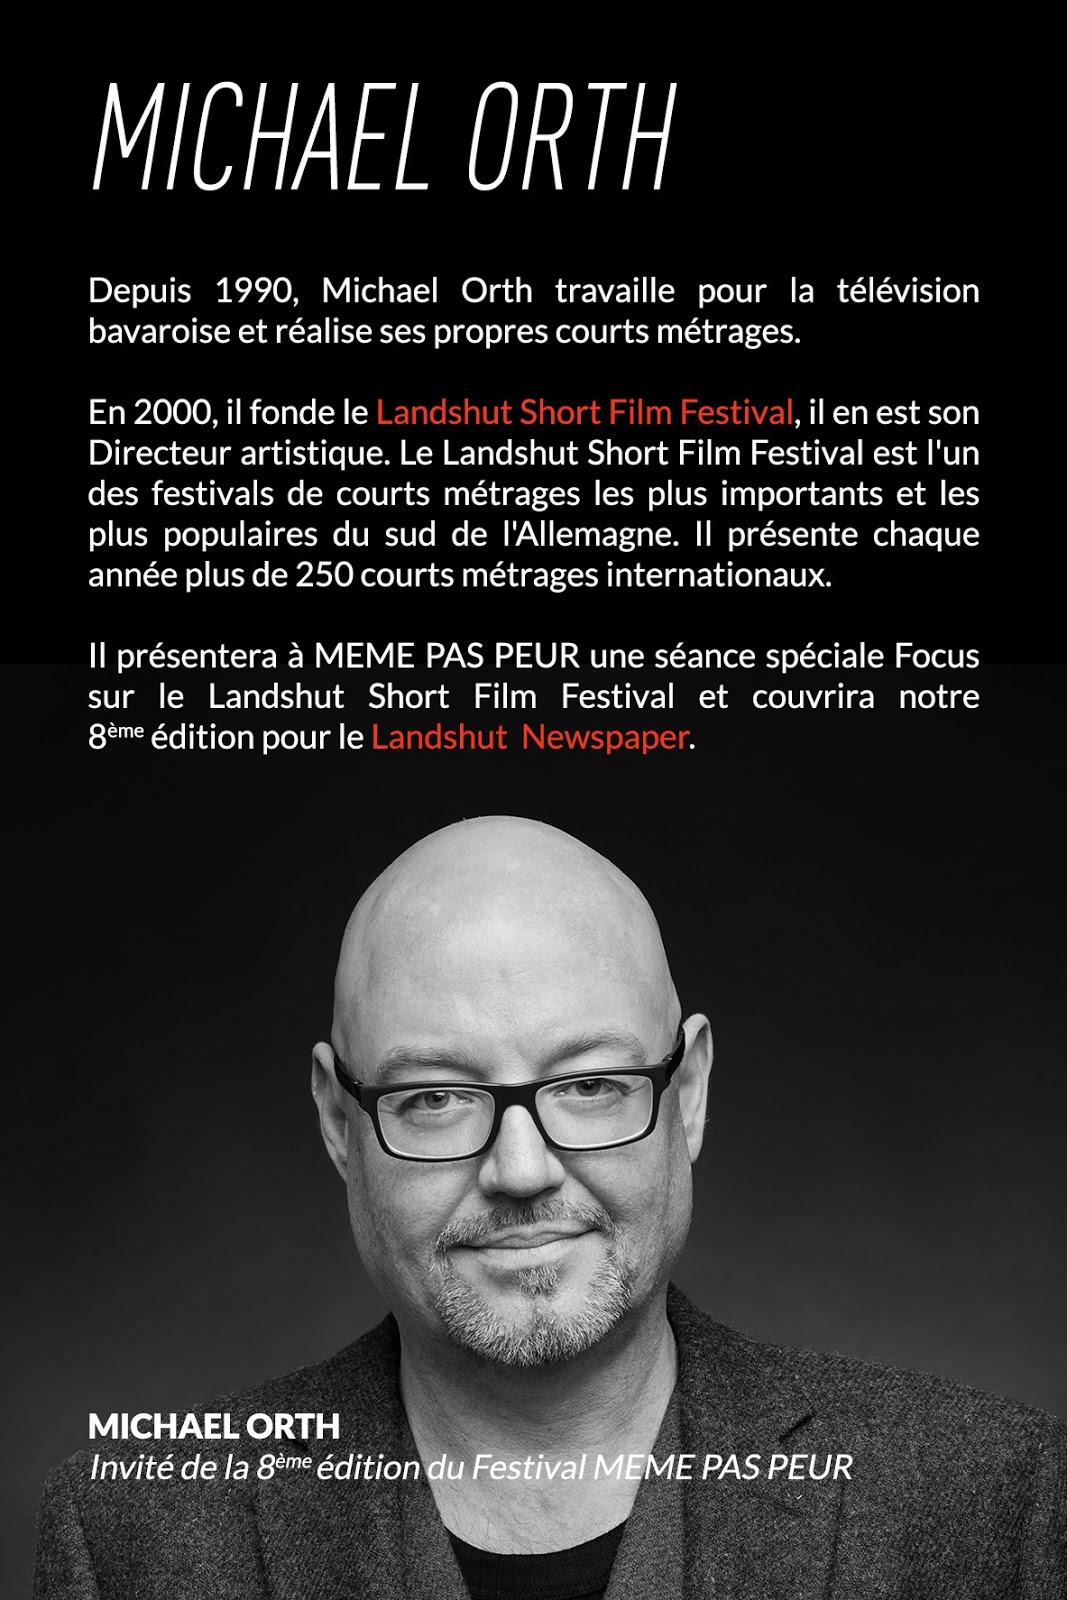 Michael Orth, invité de la 8ème édition du Festival MEME PAS PEUR